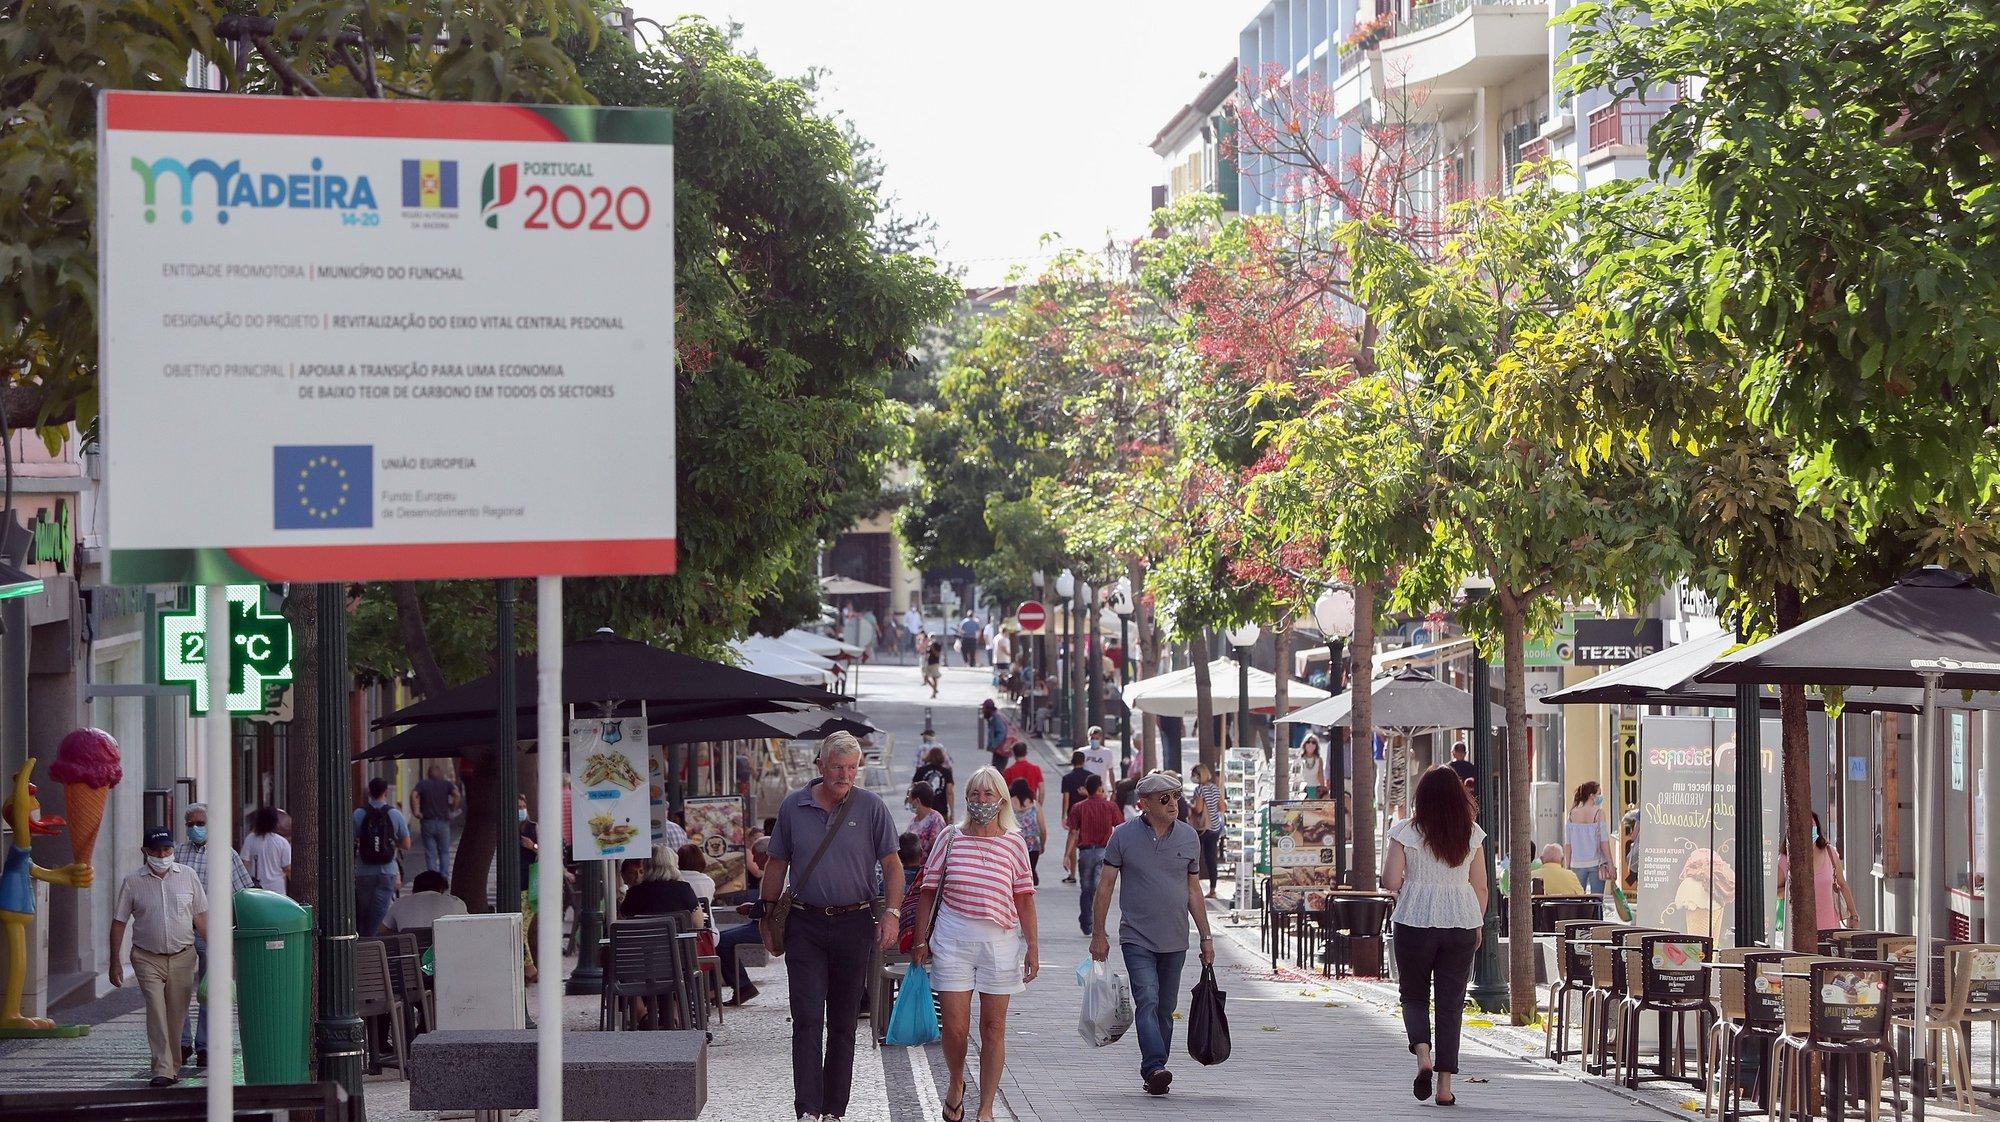 Governo Regional da Madeira determinou o uso obrigatório de máscara no espaço público a partir das 00:00 horas de hoje, no Funchal, 1 de agosto de 2020. HOMEM DE GOUVEIA/LUSA